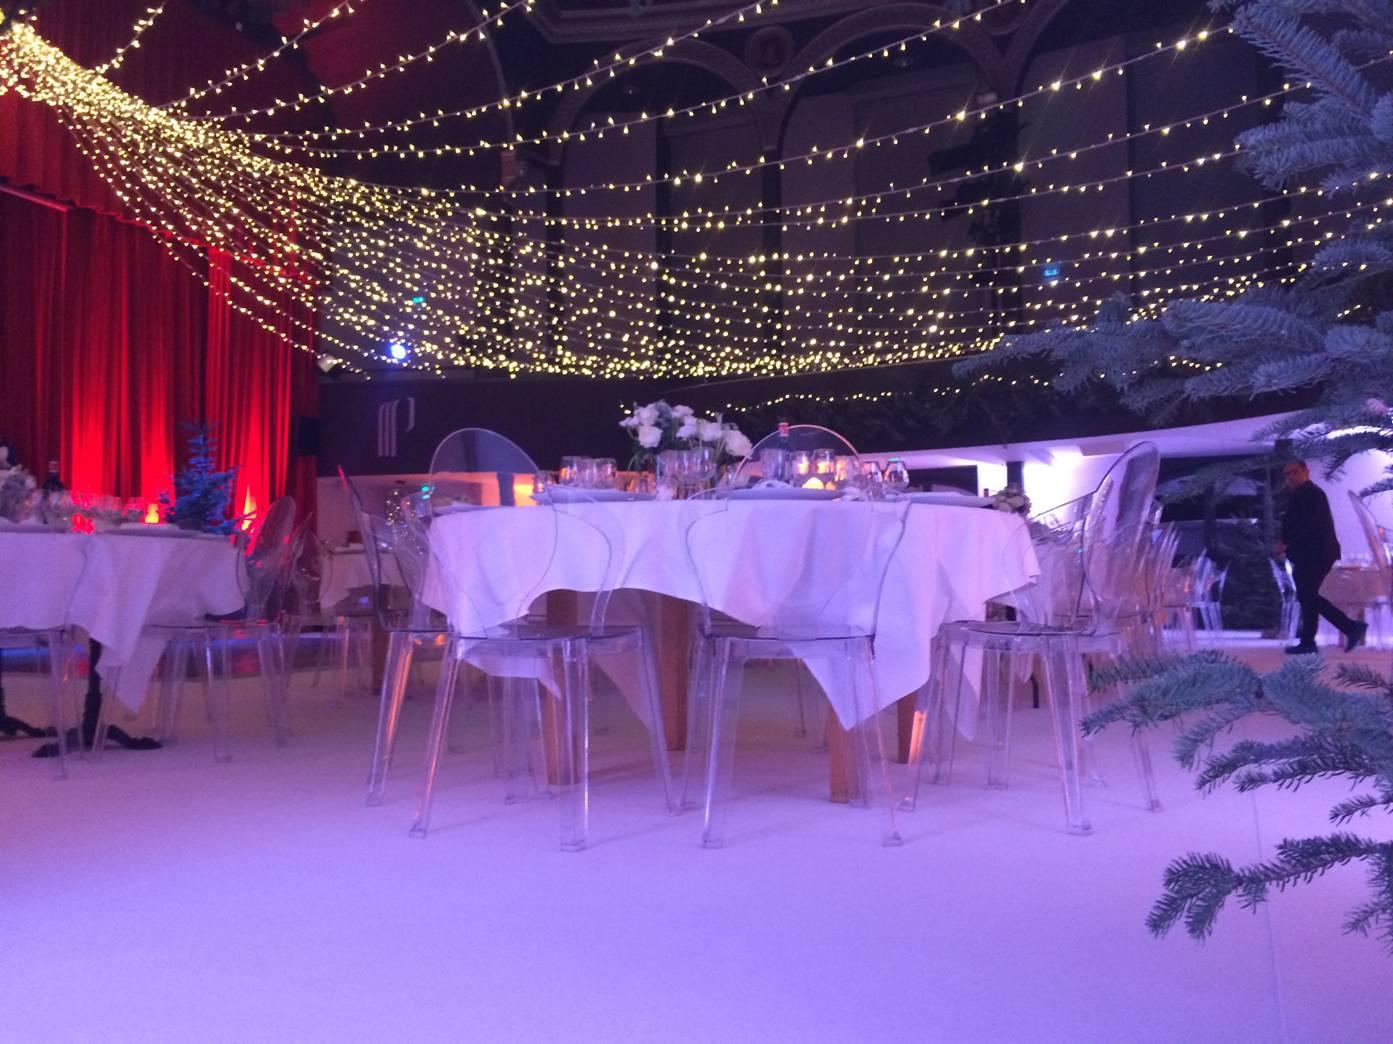 installation lumineuse et d coration pour un mariage loc illico location v nementielle. Black Bedroom Furniture Sets. Home Design Ideas